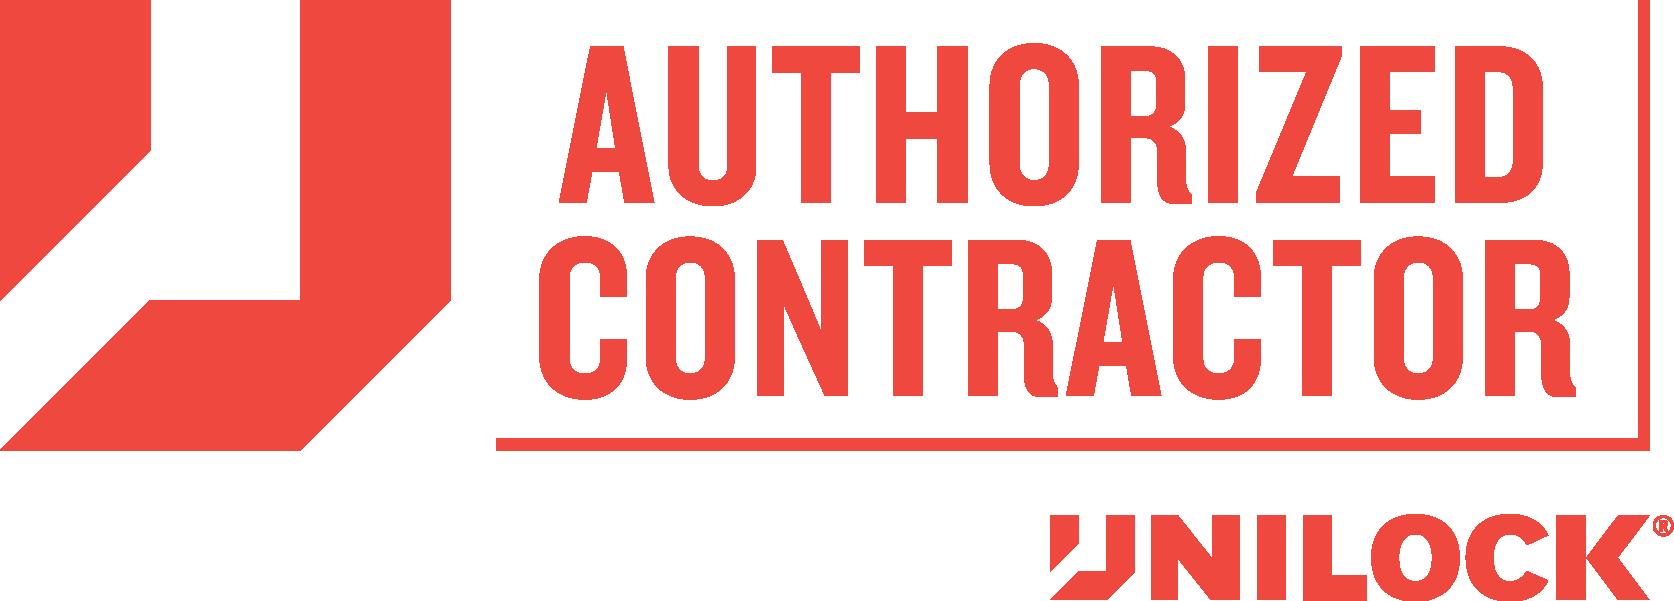 Unilock authorized contractor in Vermont